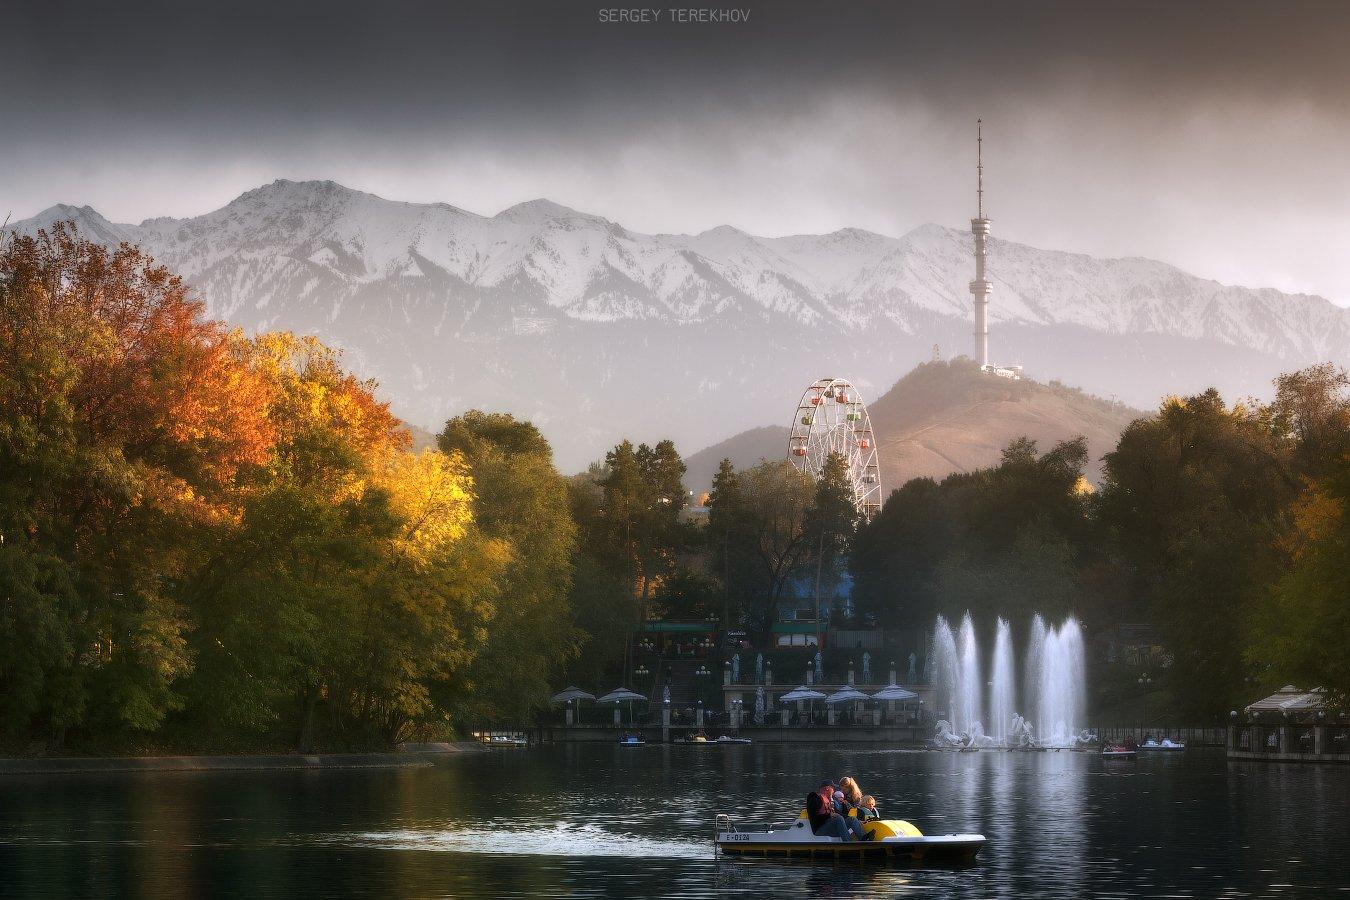 салфетки, картинки горький парк в алматы очень важное